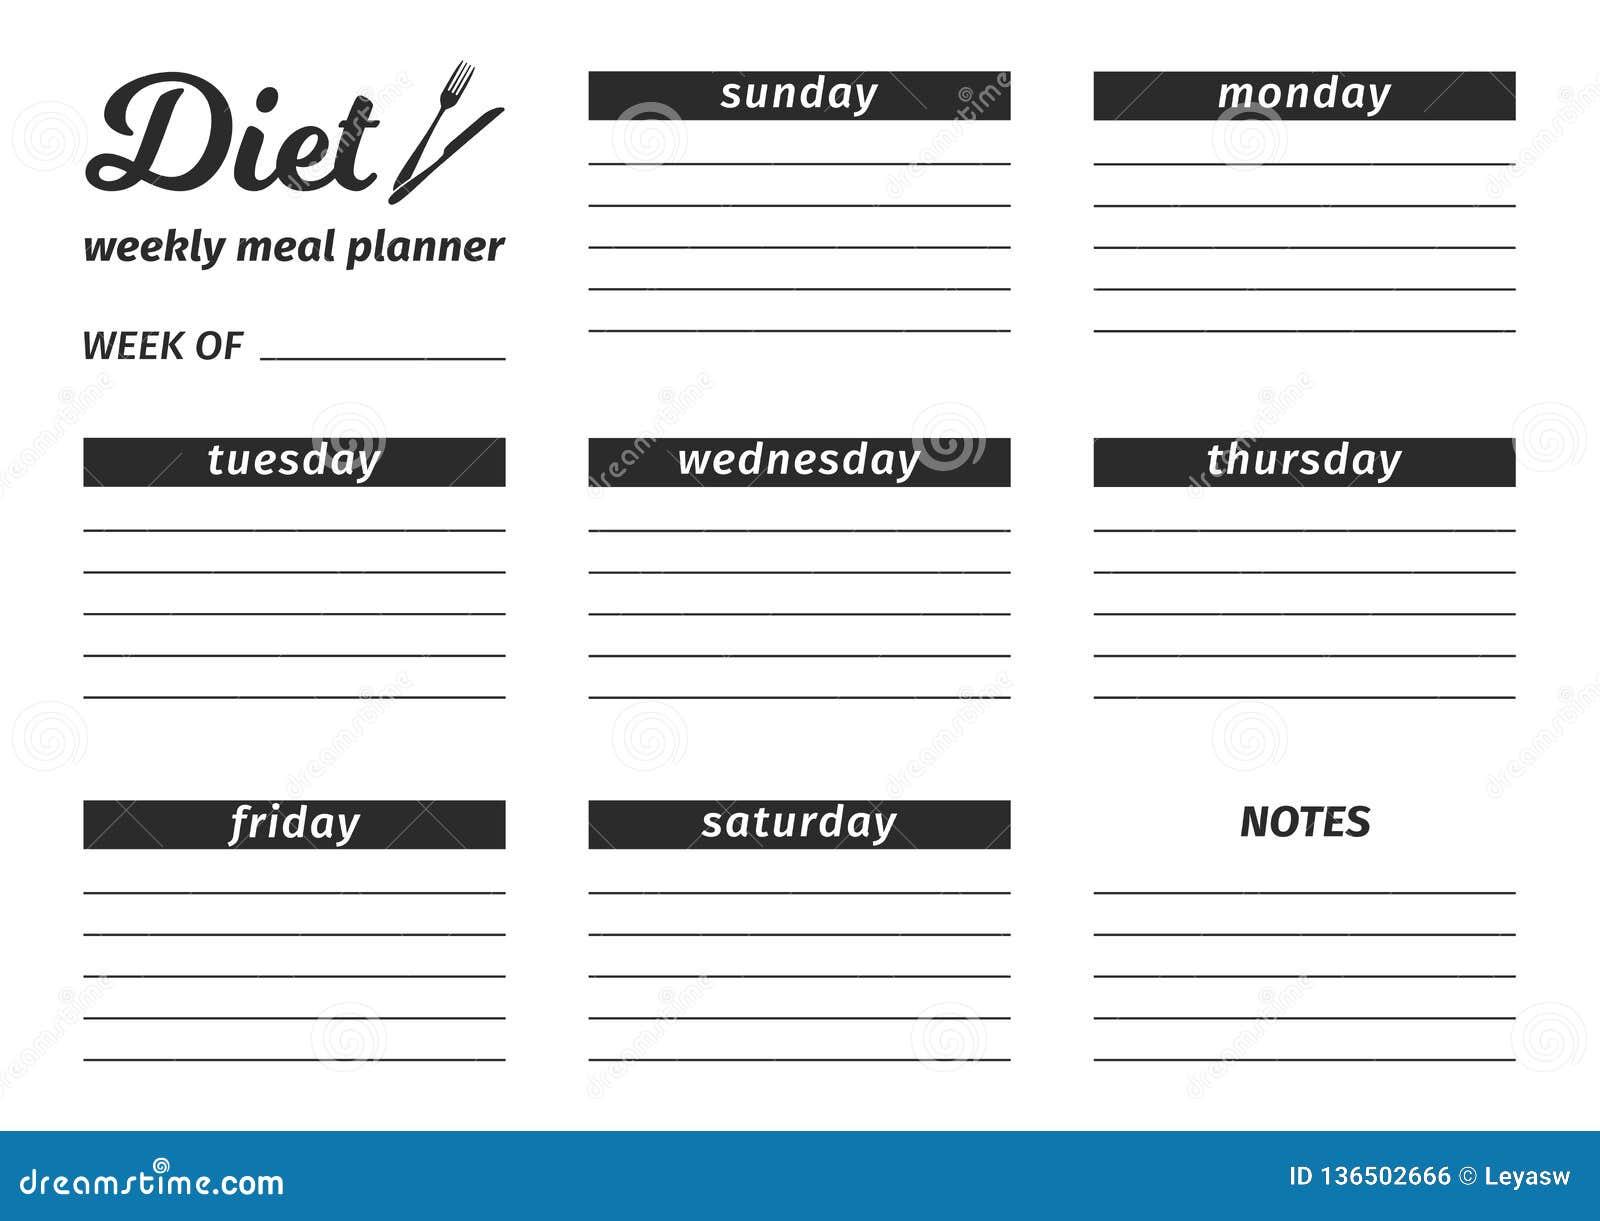 plan de comida de siete días